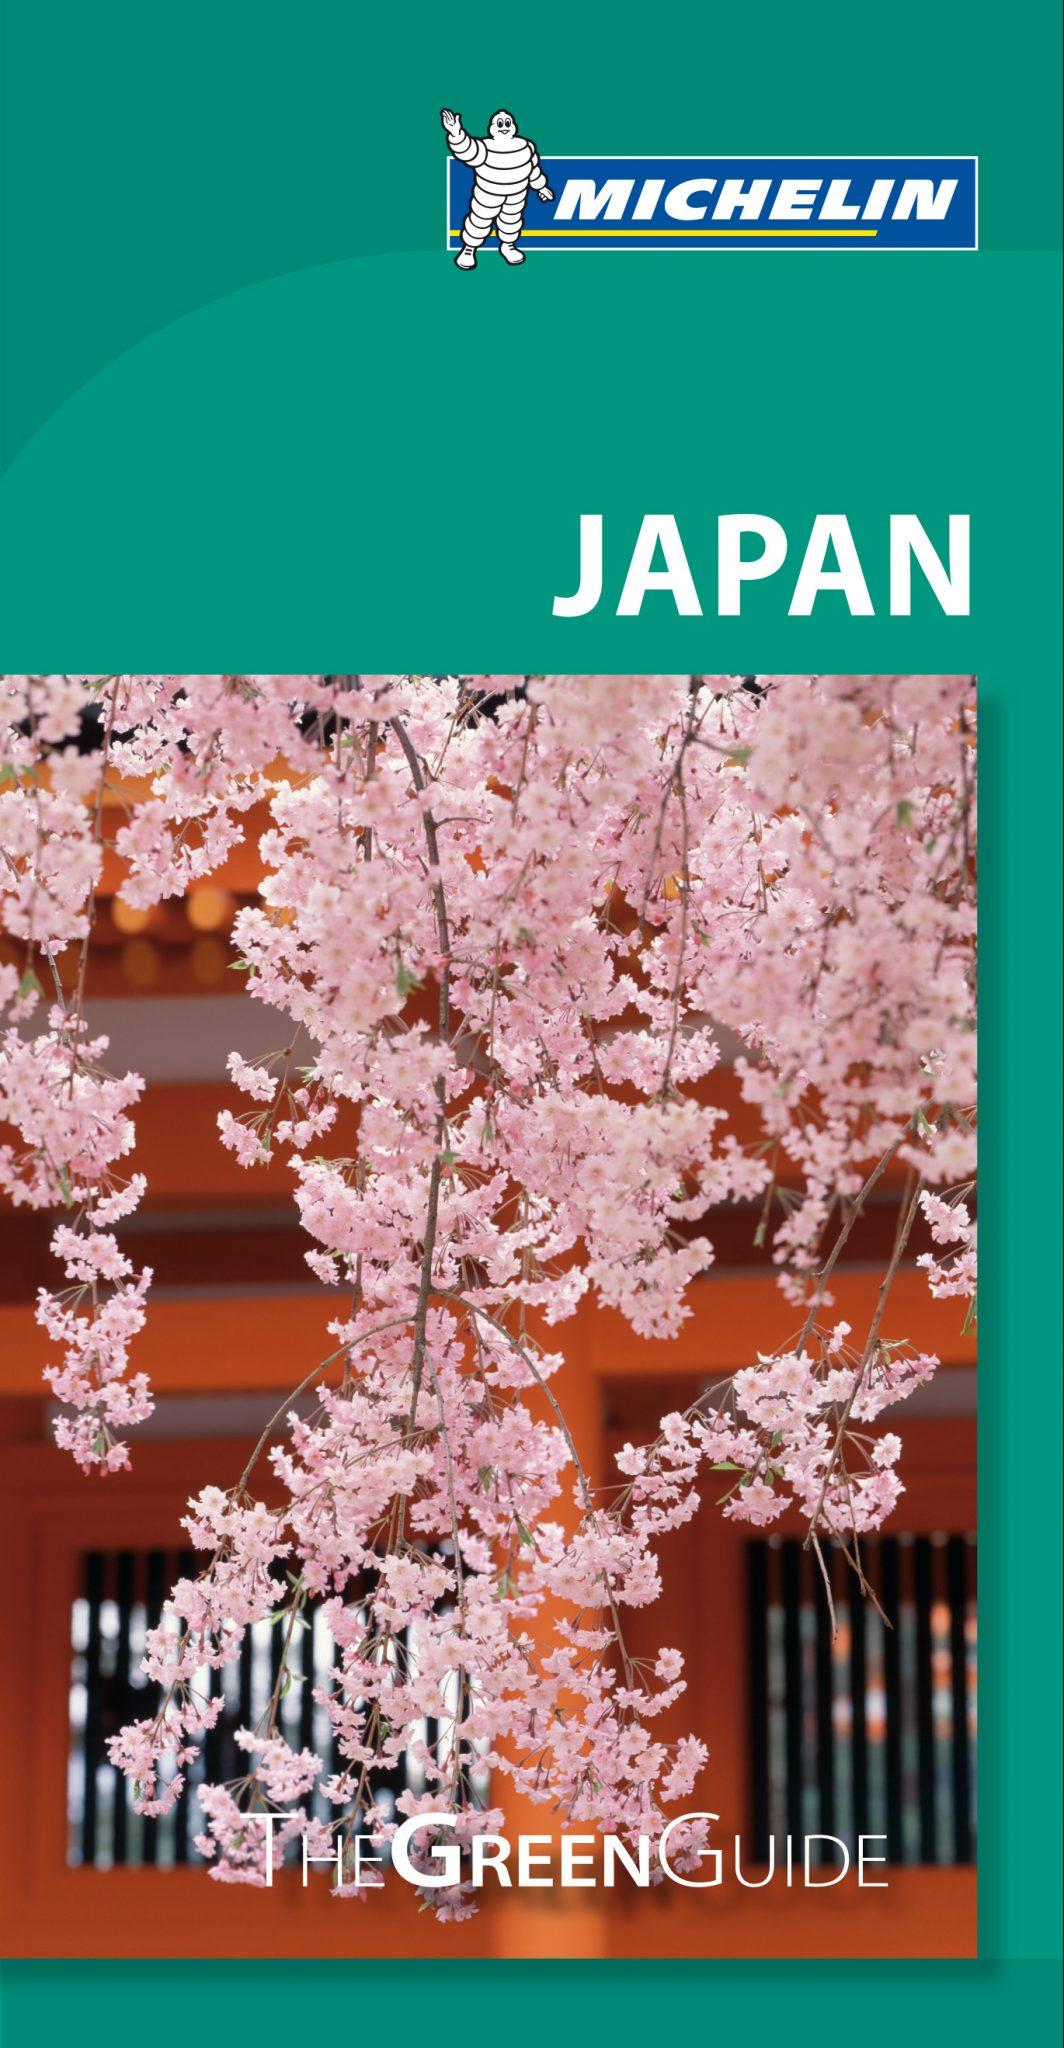 ミシュラン・グリーンガイド・ジャパン英語版改訂第2版